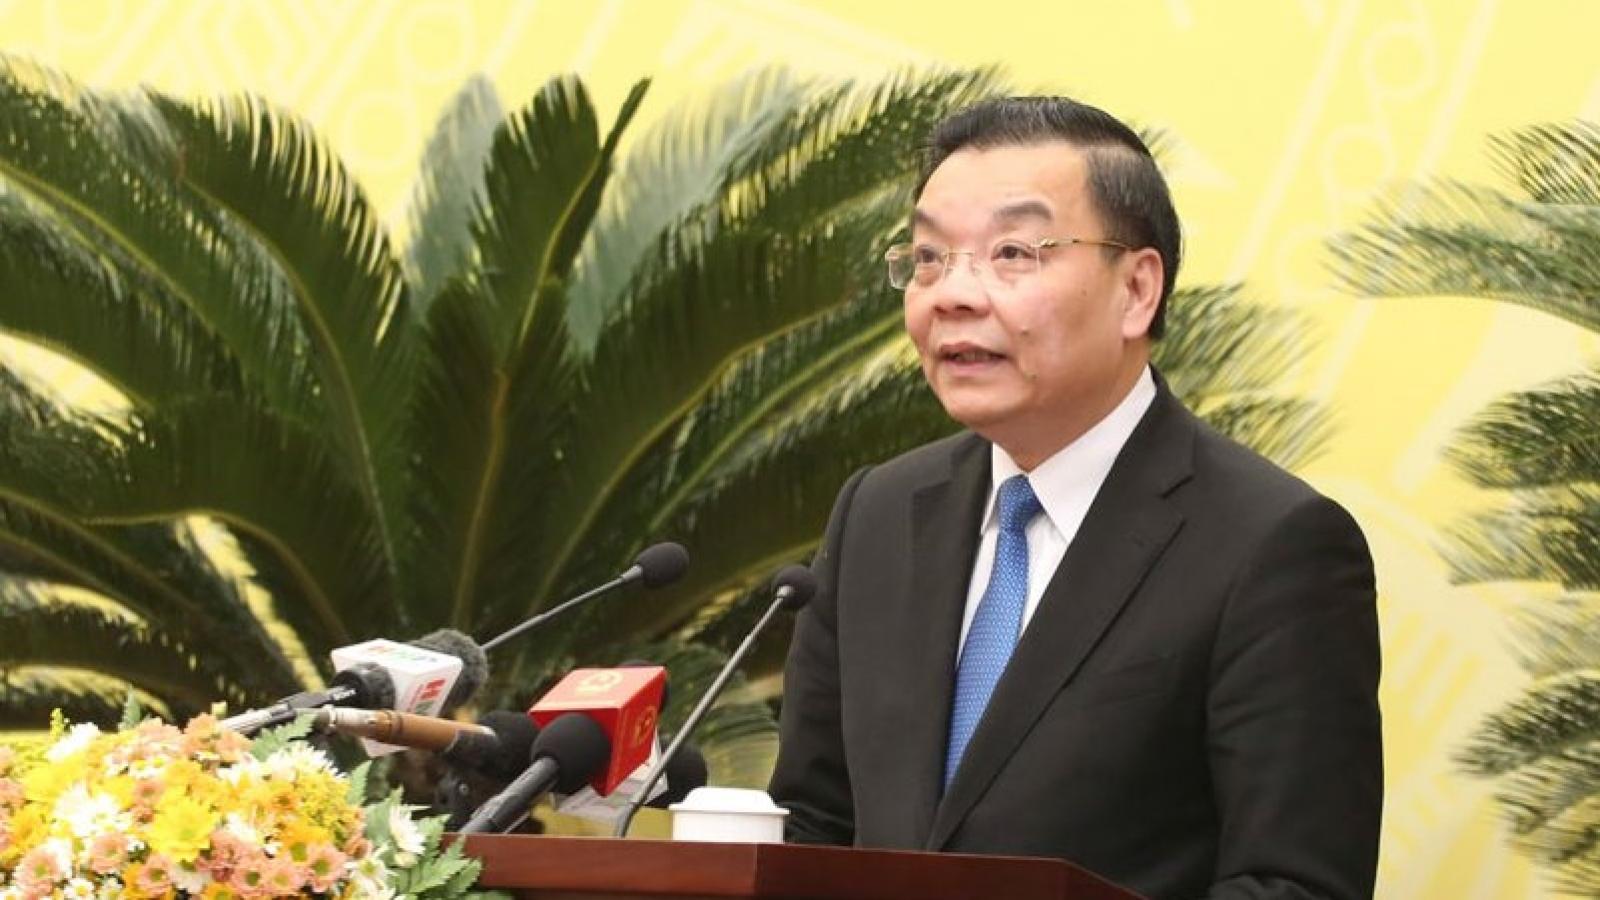 Ông Chu Ngọc Anh làm Trưởng ban Chỉ huy phòng thủ dân sự thành phố Hà Nội